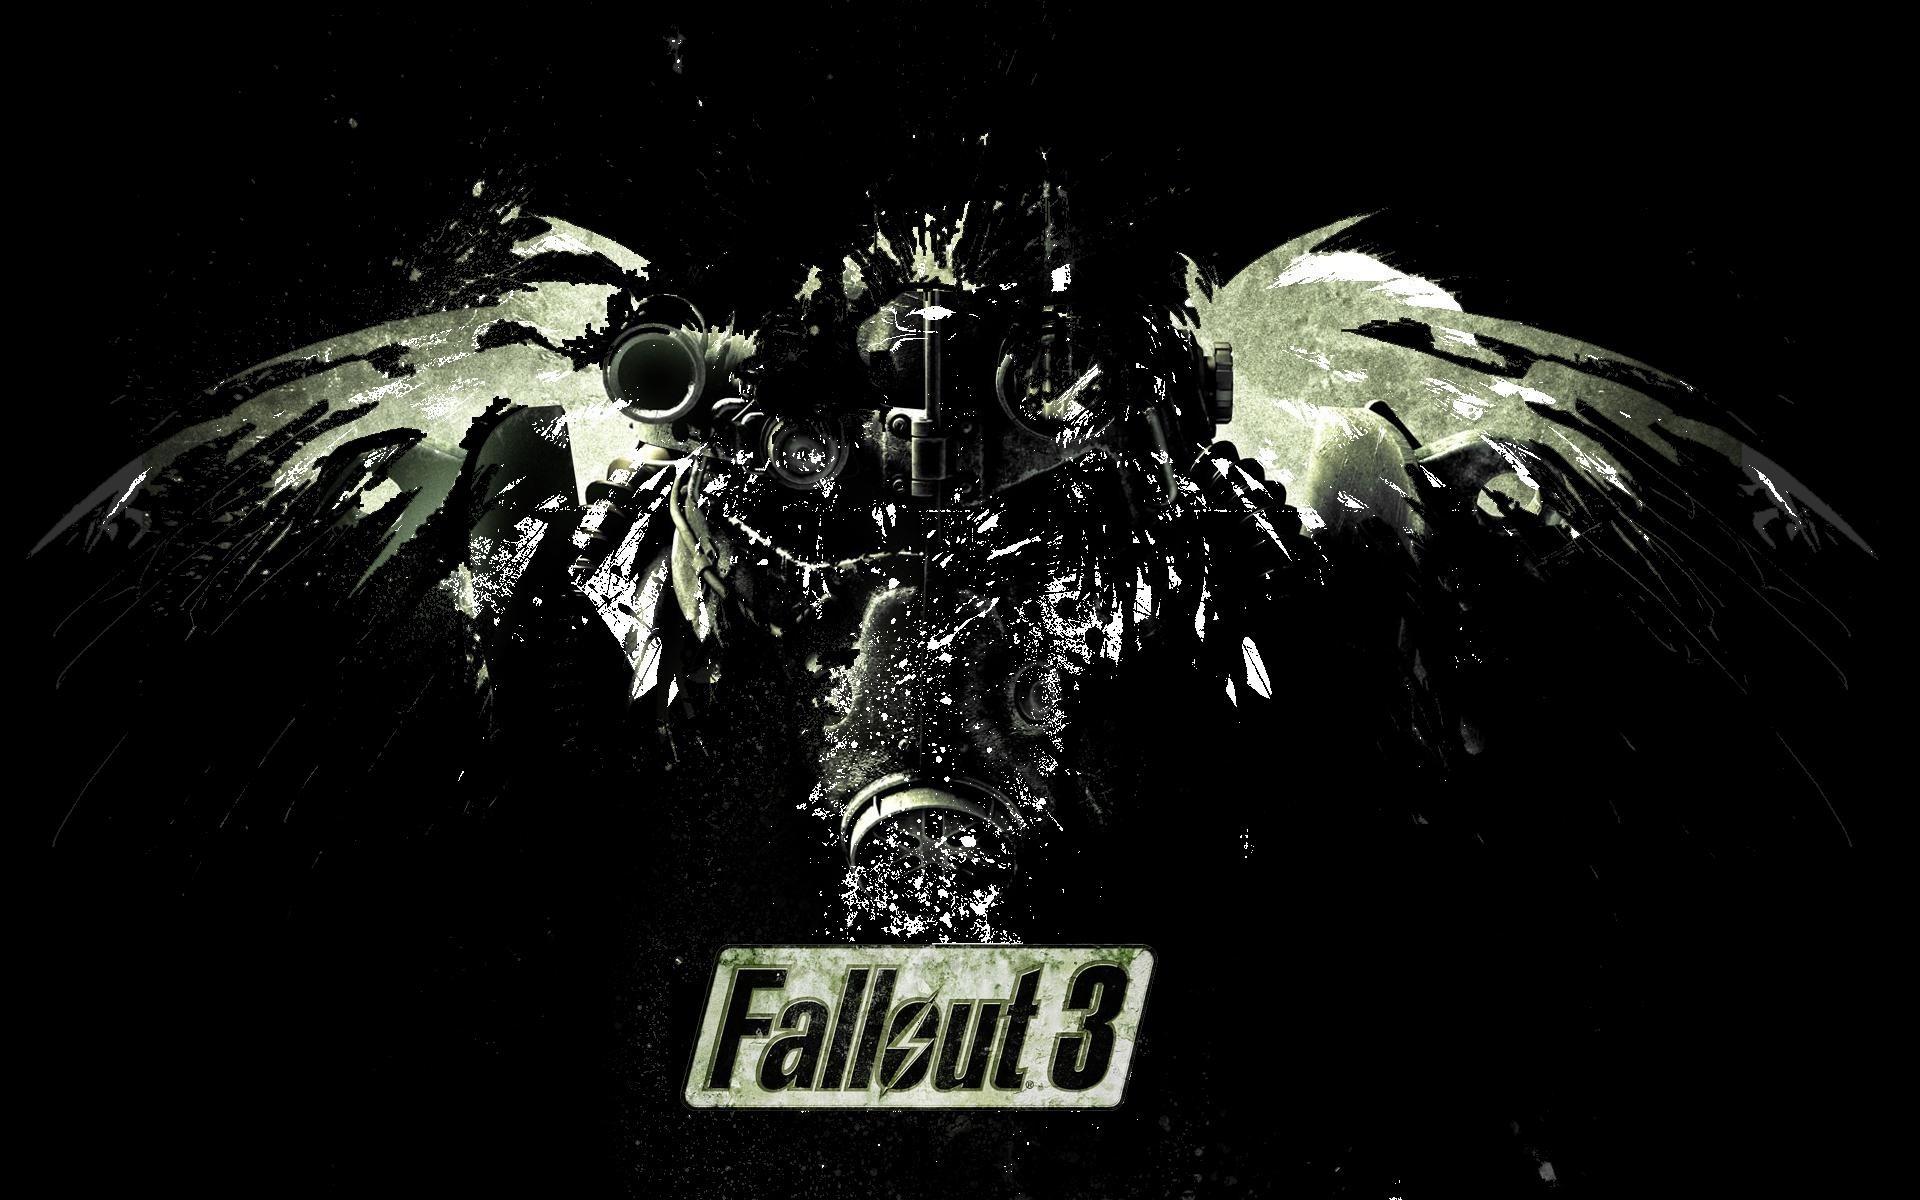 Fallout Wallpapers HD | PixelsTalk Net